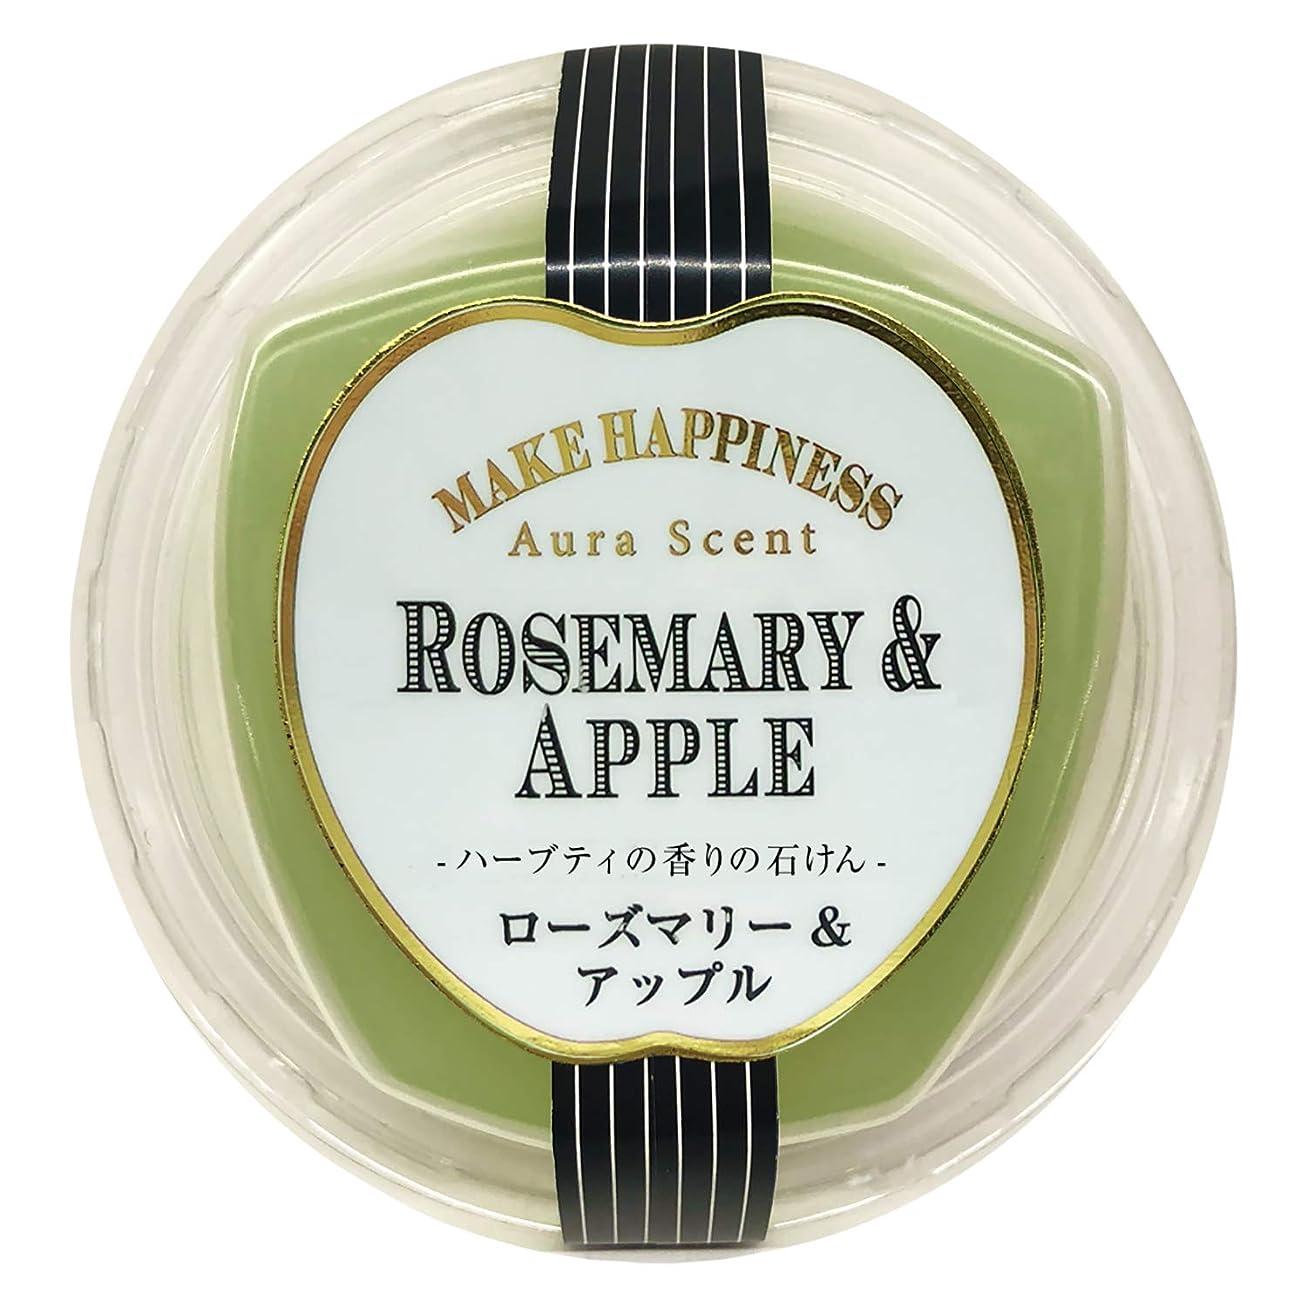 やるブレイズ有害なペリカン石鹸 オーラセント クリアソープ ローズマリー&アップル 75g